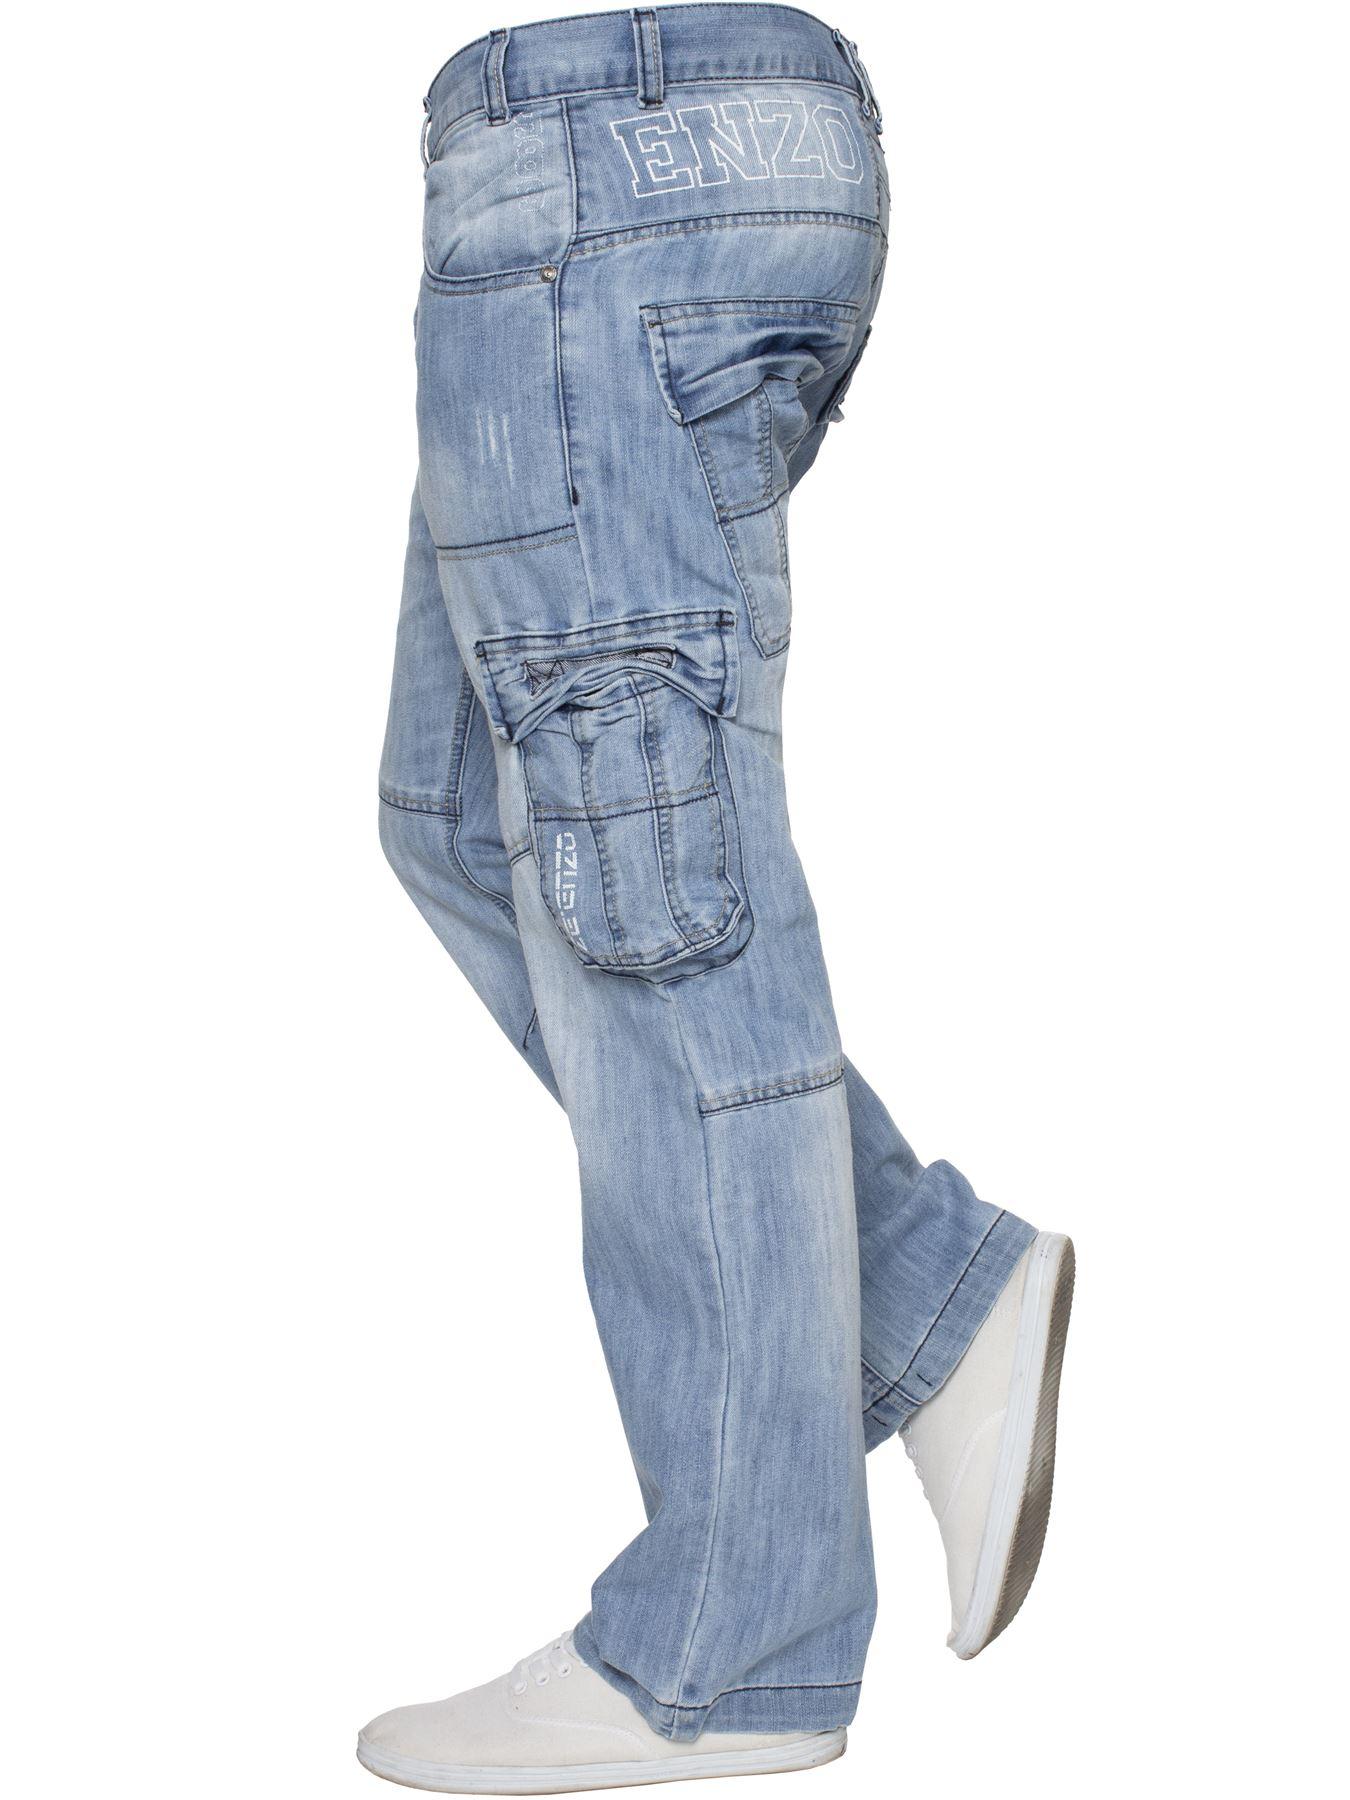 Jeans-Para-Hombre-de-carga-de-combate-pesado-Pantalones-de-trabajo-pantalones-de-mezclilla-Big-King miniatura 48